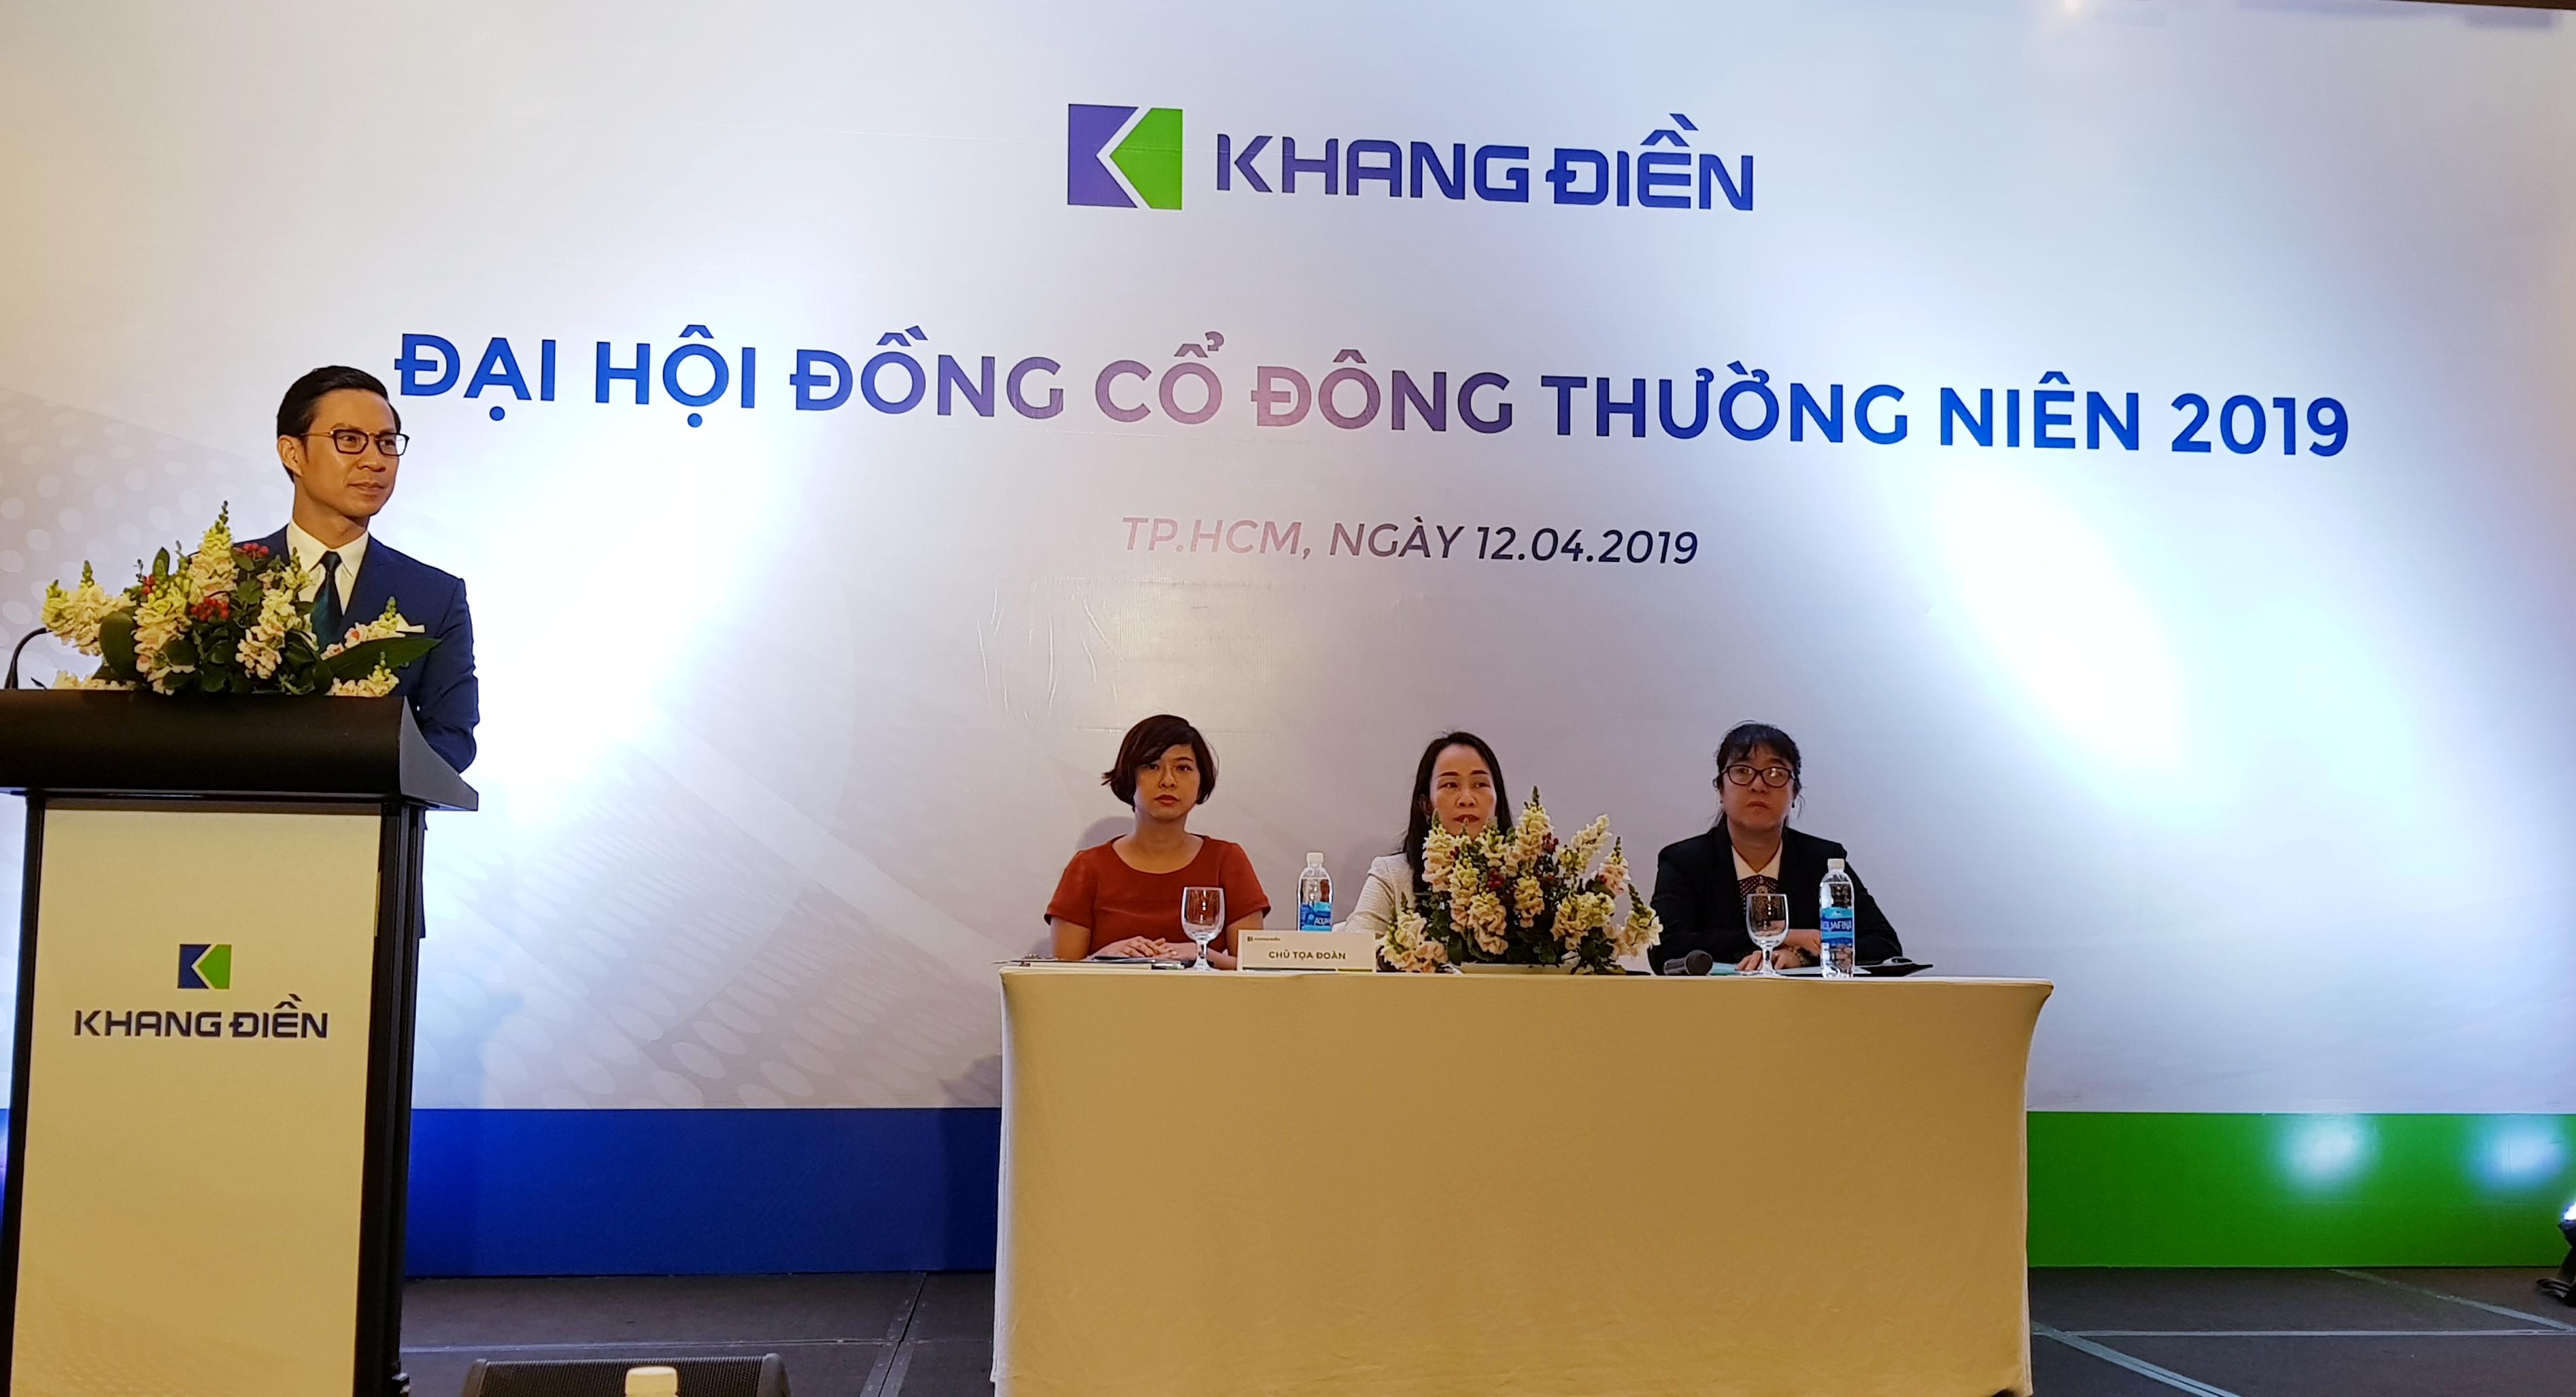 ĐHCĐ Khang Điền: Triển khai 2 dự án mới, kế hoạch lãi 900 tỷ đồng năm 2019